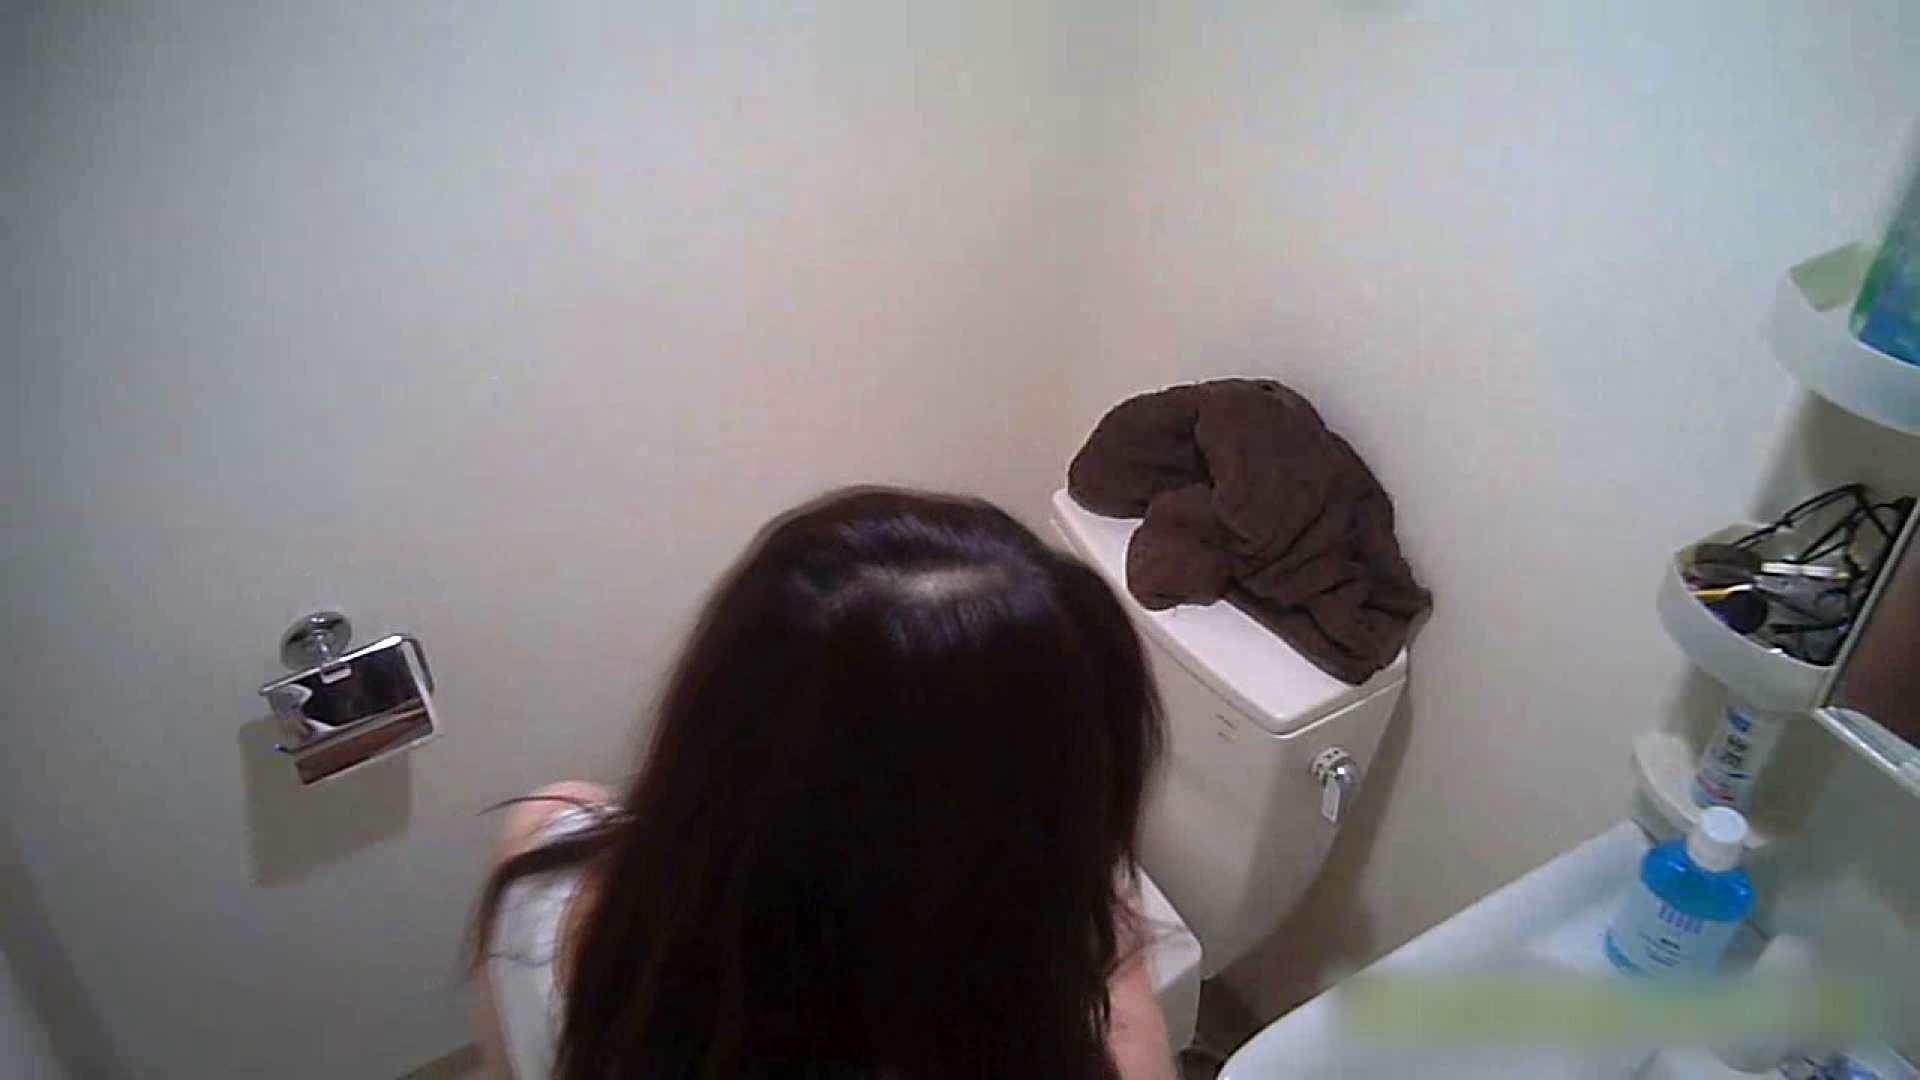 元気いっぱいノリノリ系なB子23歳(仮名)Vol.01 トイレ着替え編 着替え   OL女体  66連発 25